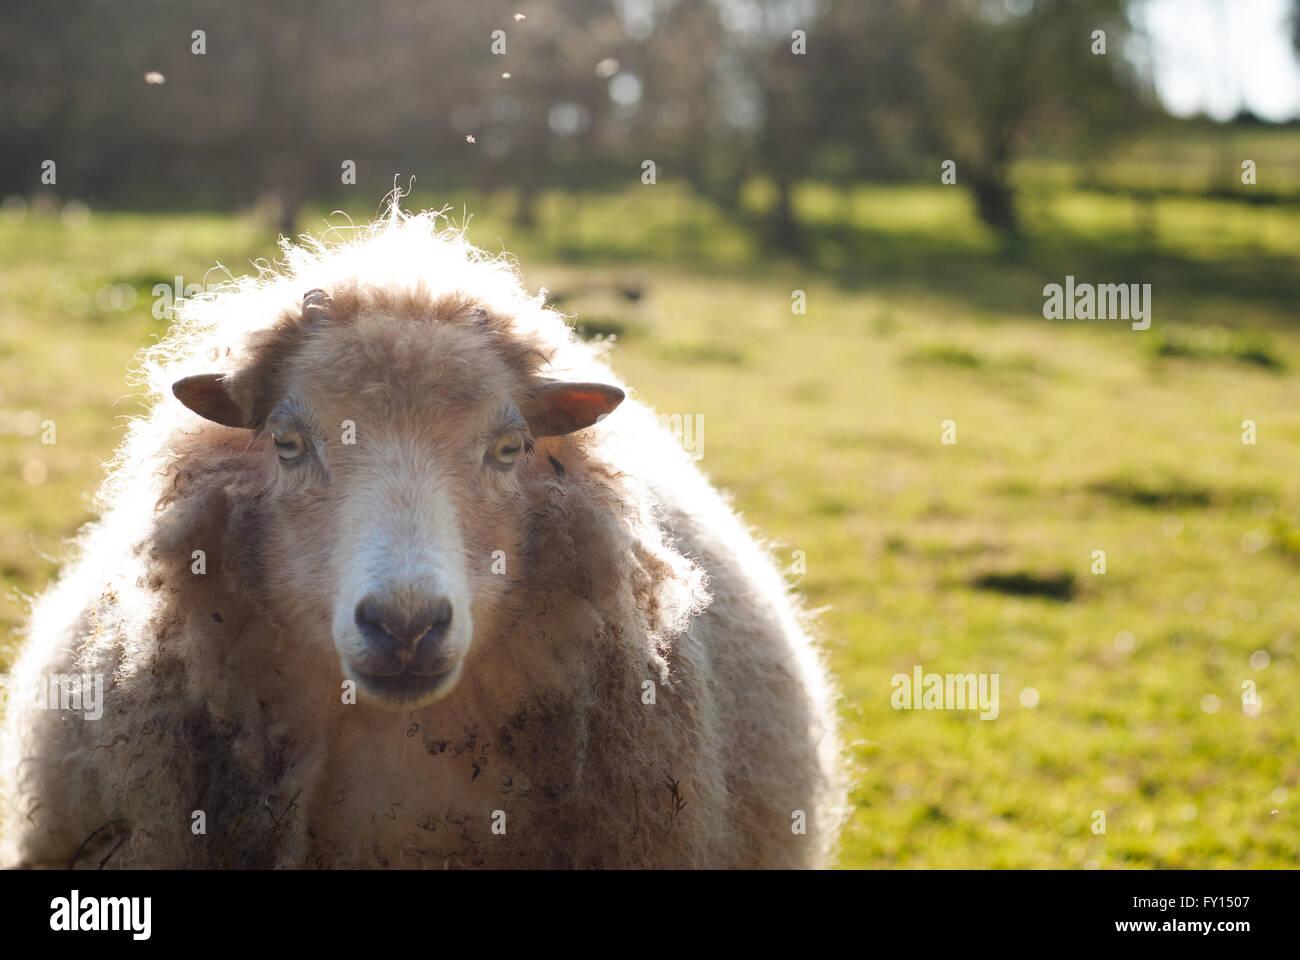 Les moutons d'ouessant prises par rétroéclairage face Photo Stock